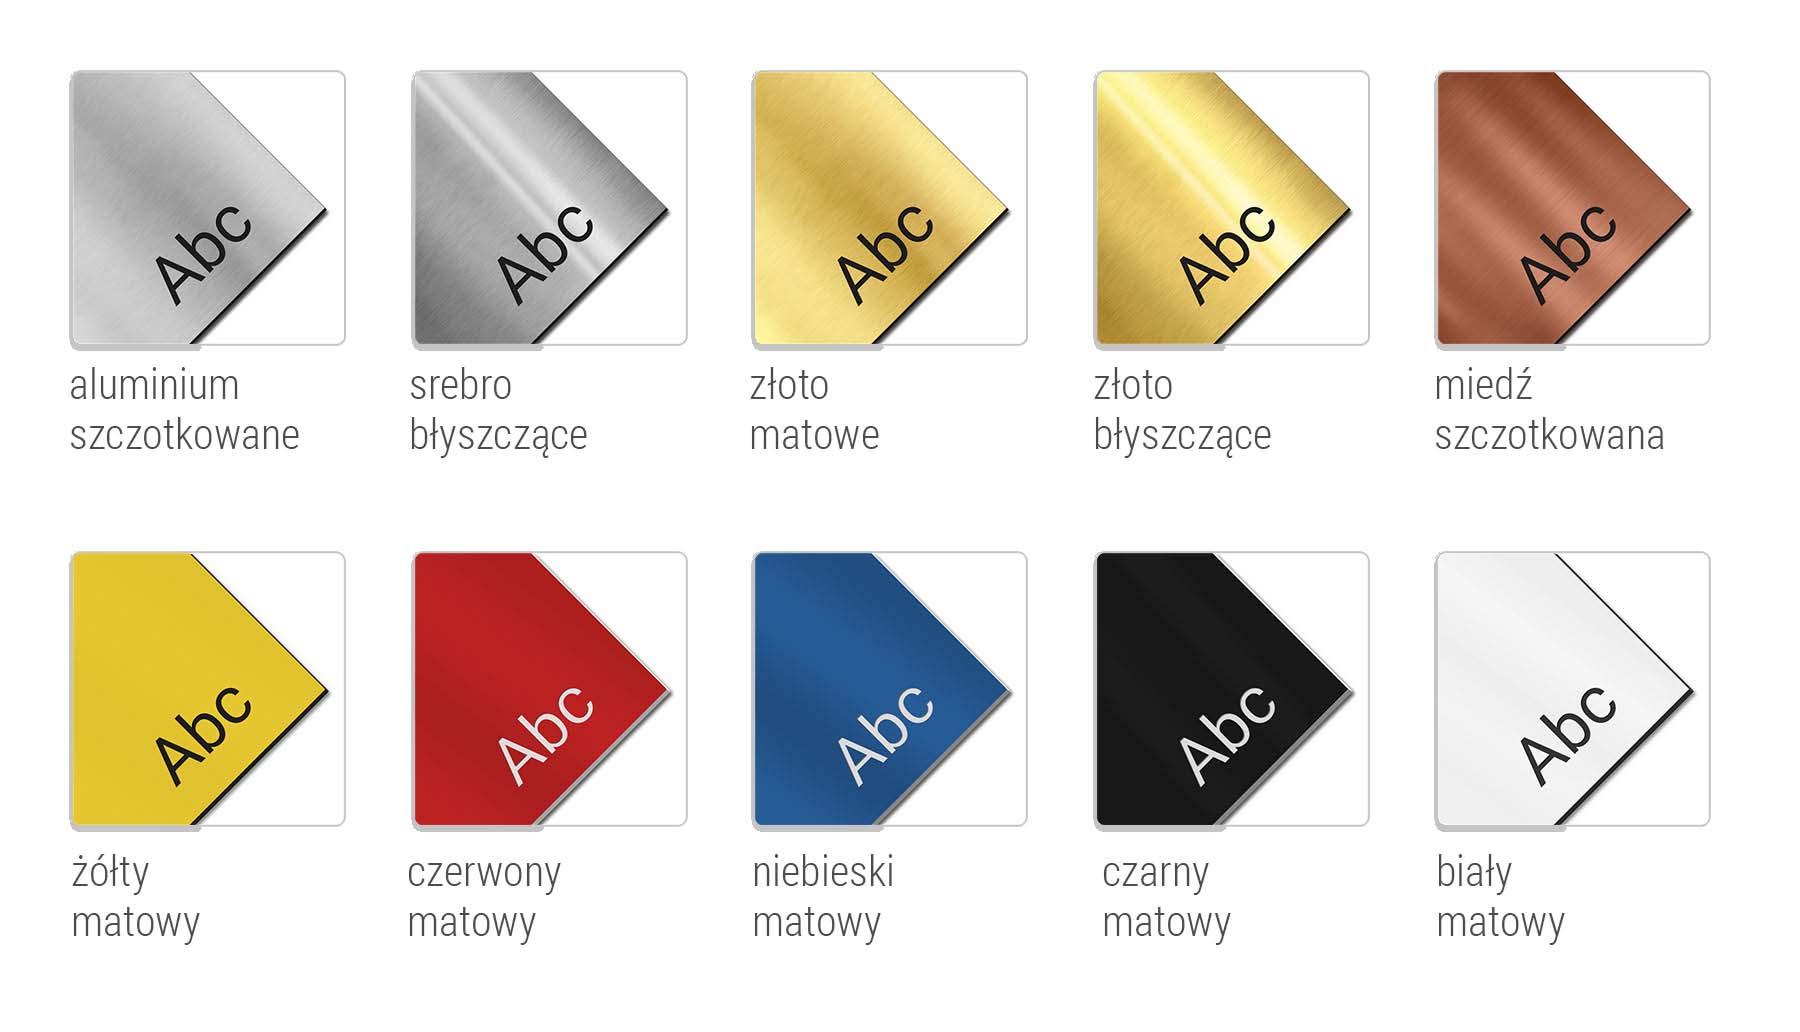 kolory laminatów tabliczki informacyjne